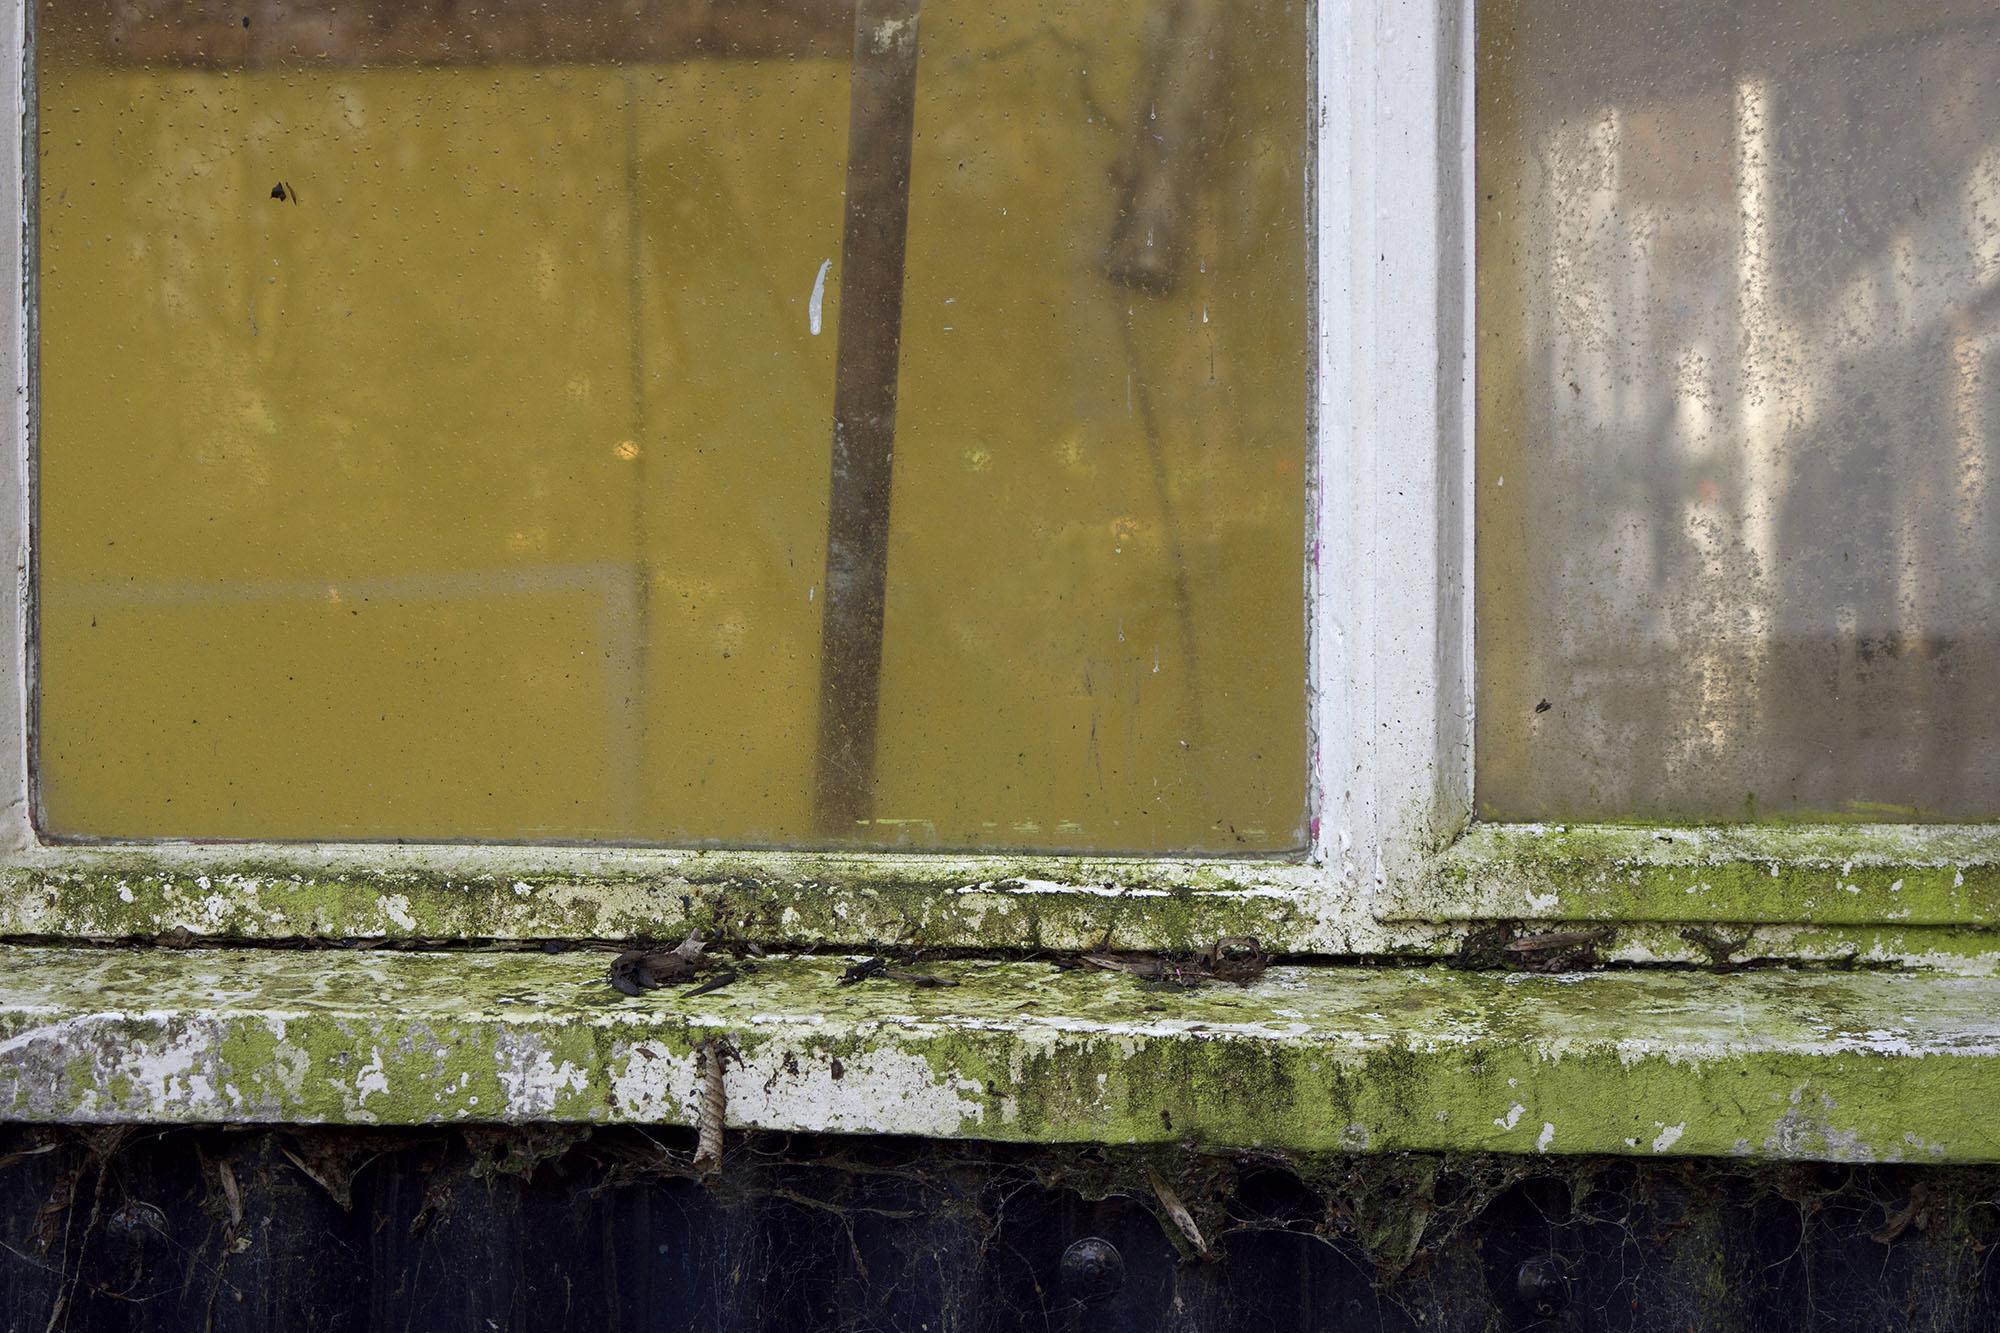 Eel Pie Window, 2014